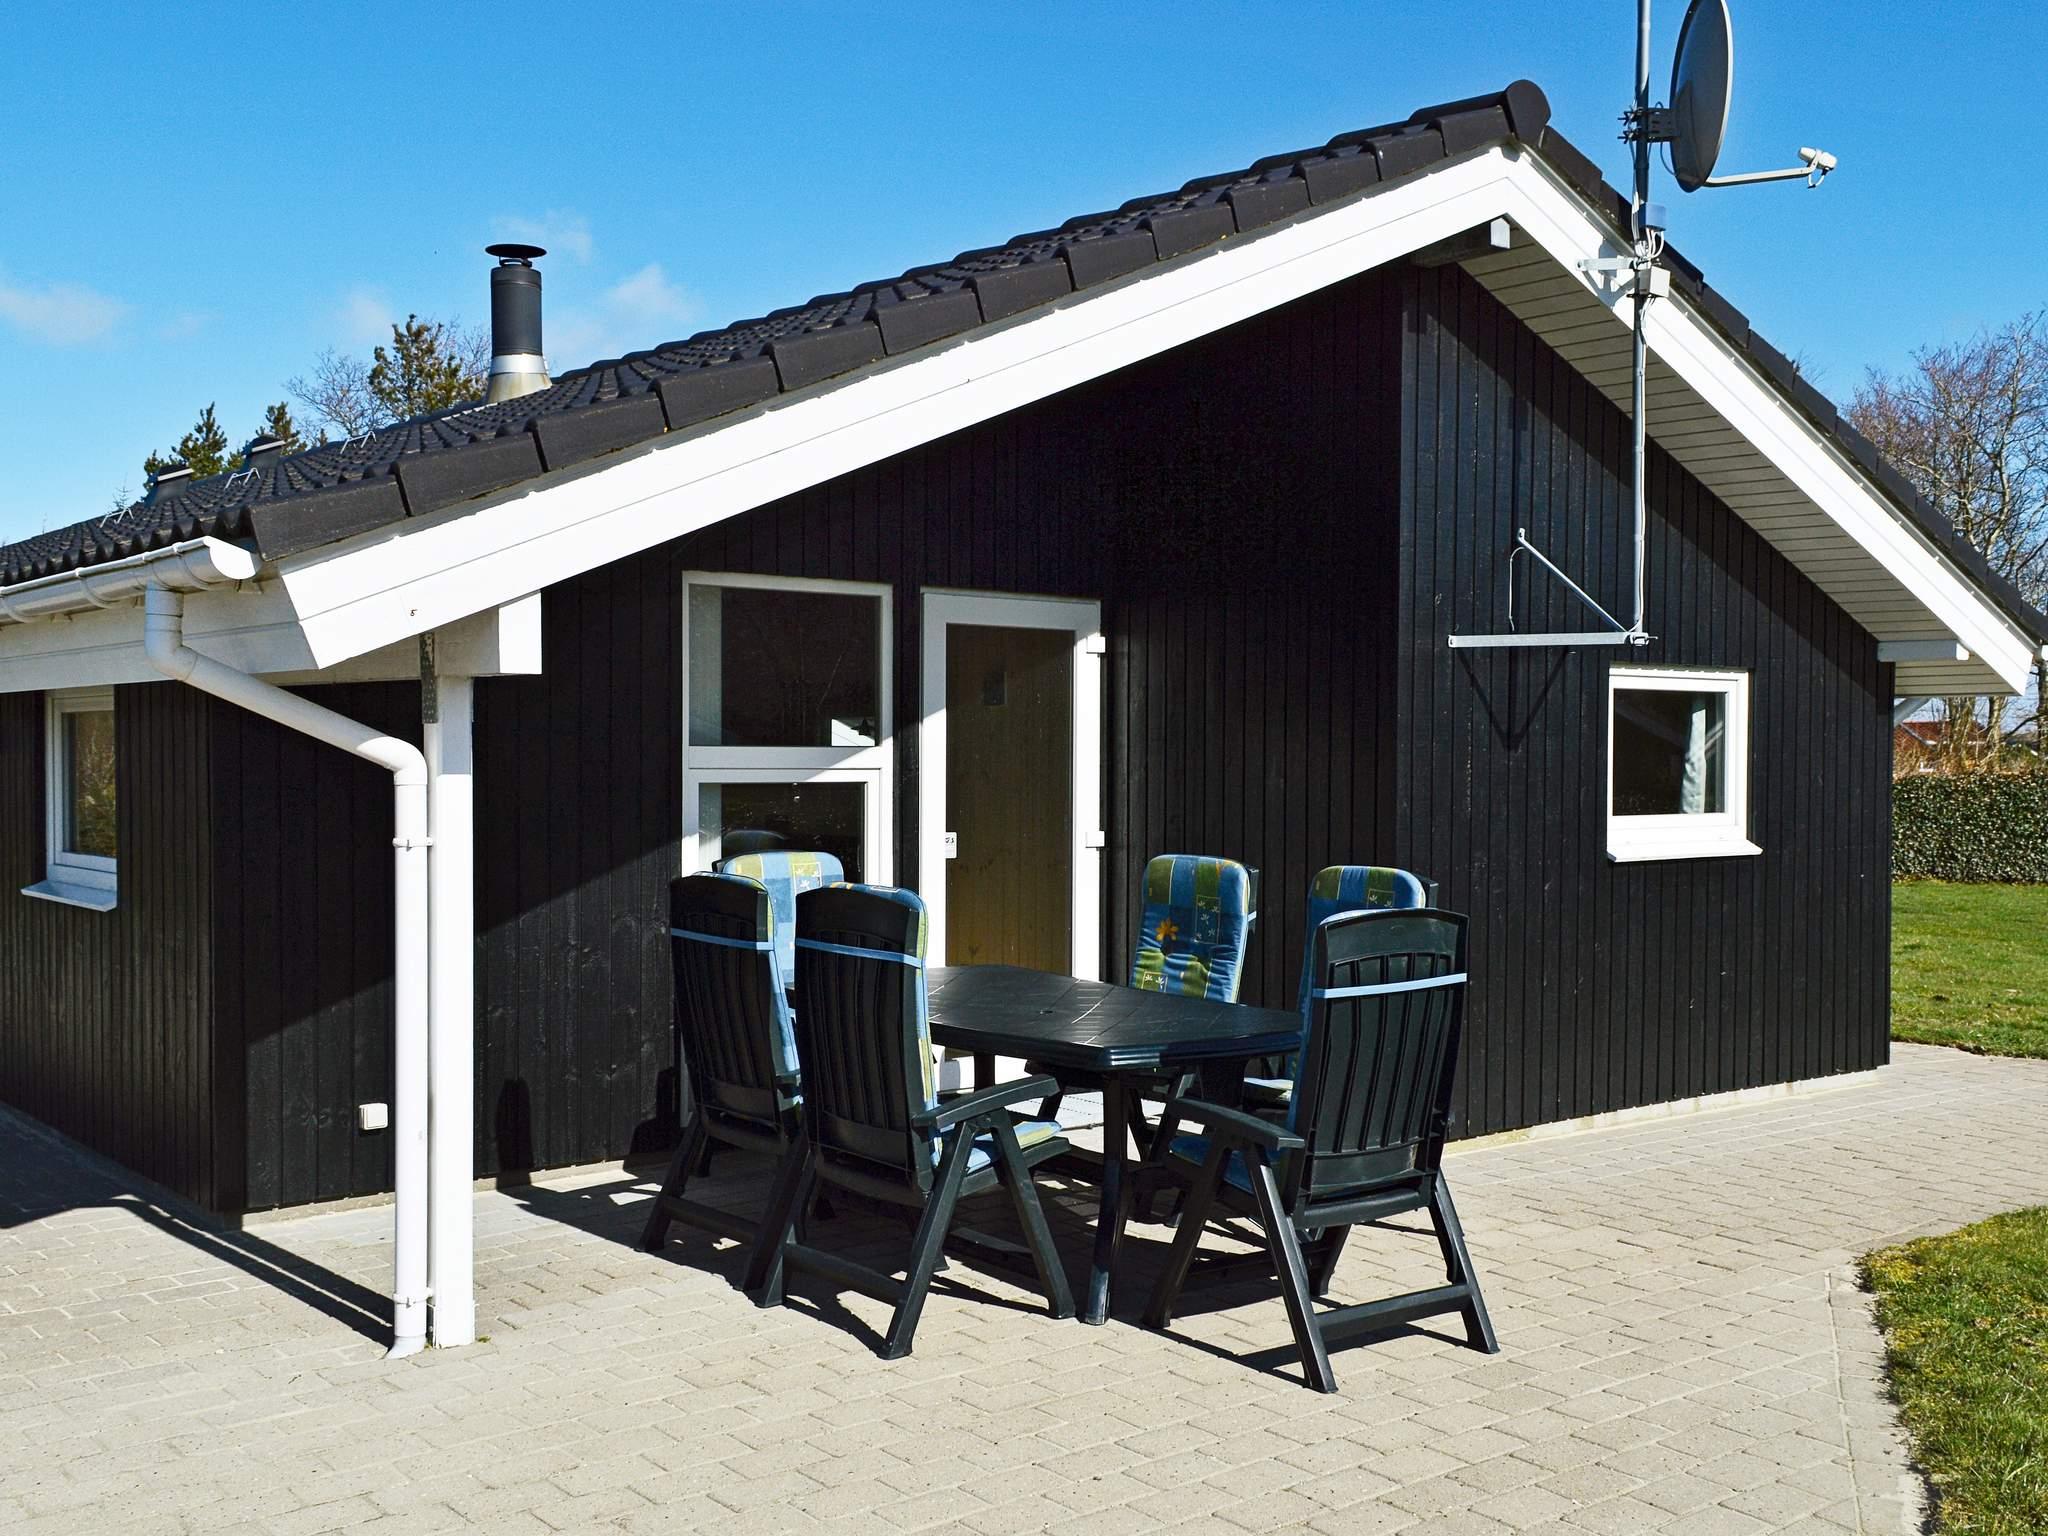 Ferienhaus Jegum (921203), Jegum, , Westjütland, Dänemark, Bild 15